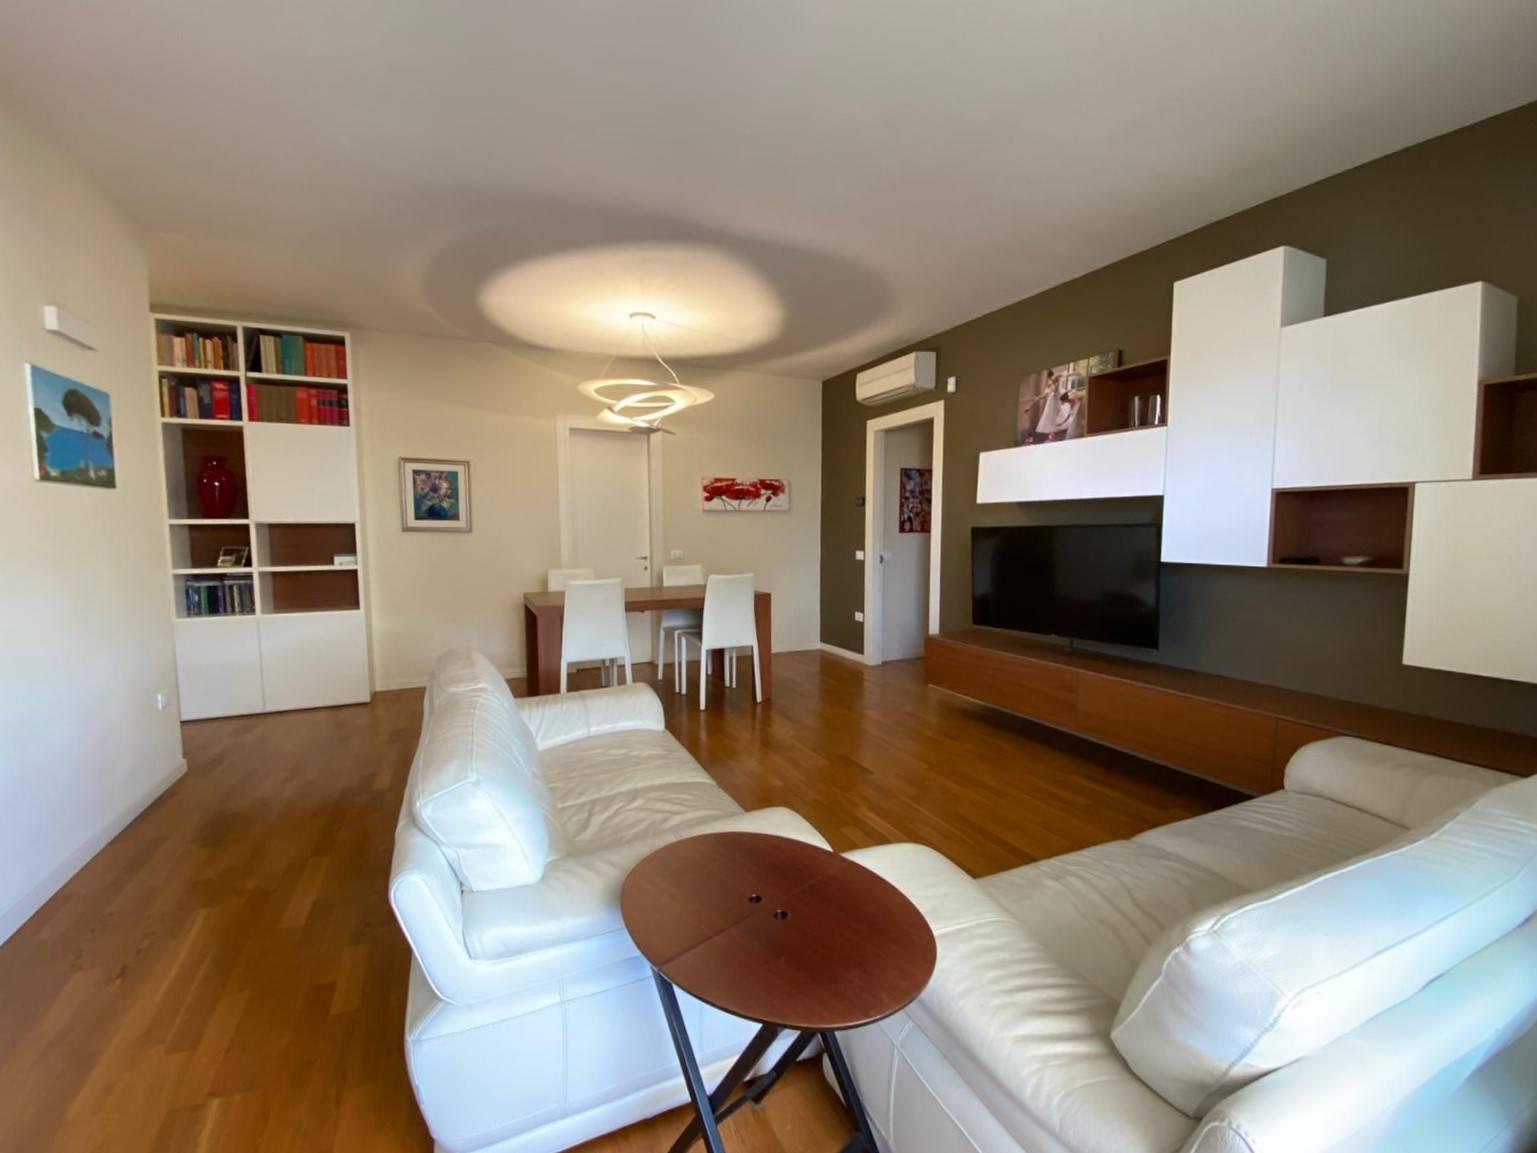 Appartamento in vendita a Martellago, 6 locali, prezzo € 245.000 | PortaleAgenzieImmobiliari.it